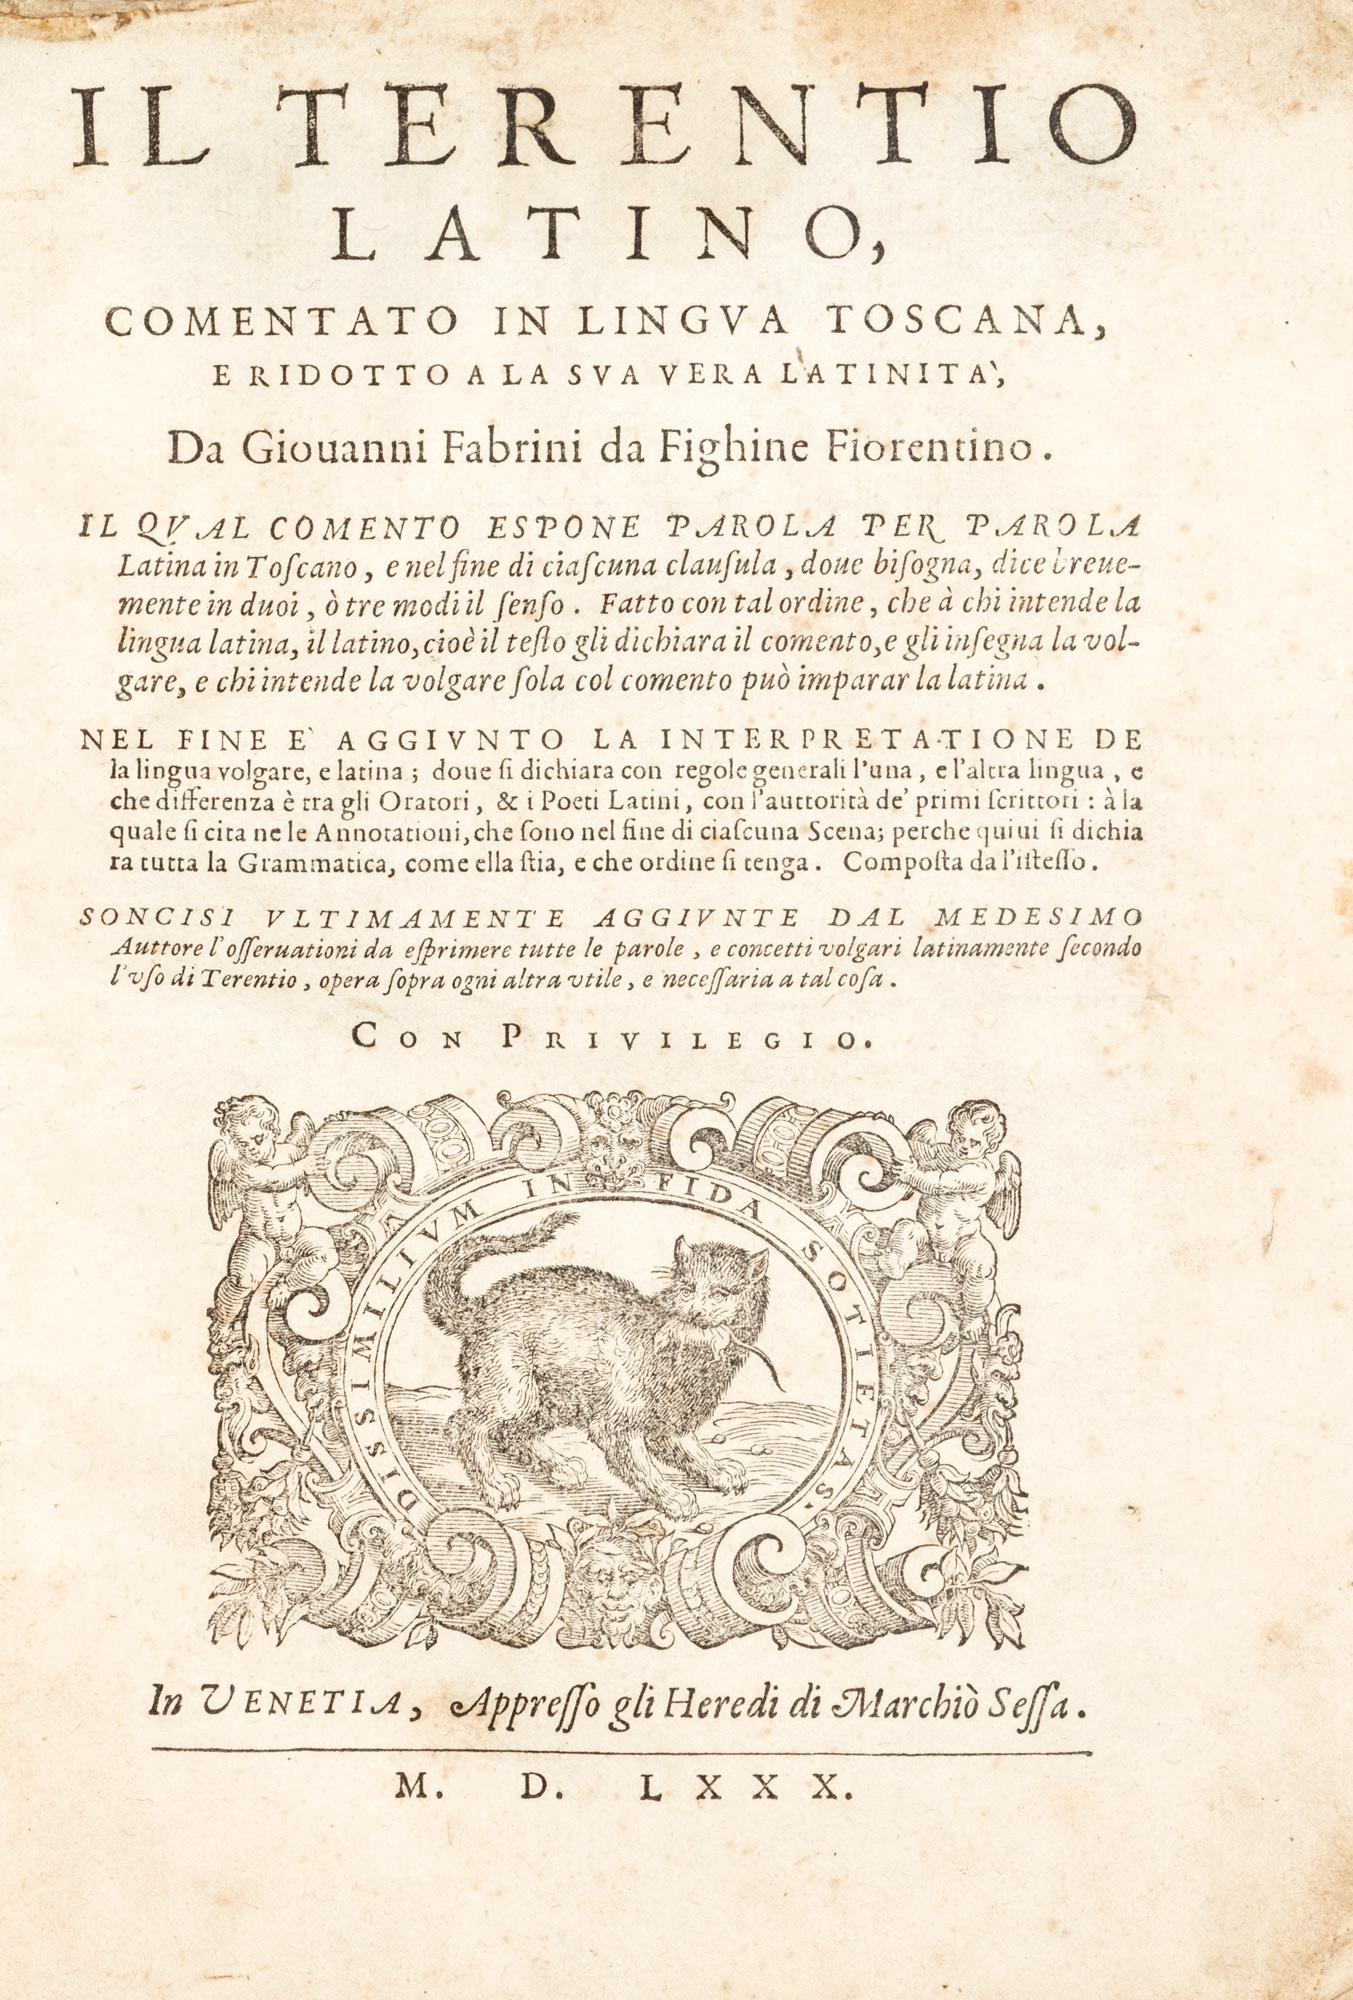 Il Terentio latino comentato in lingua toscana